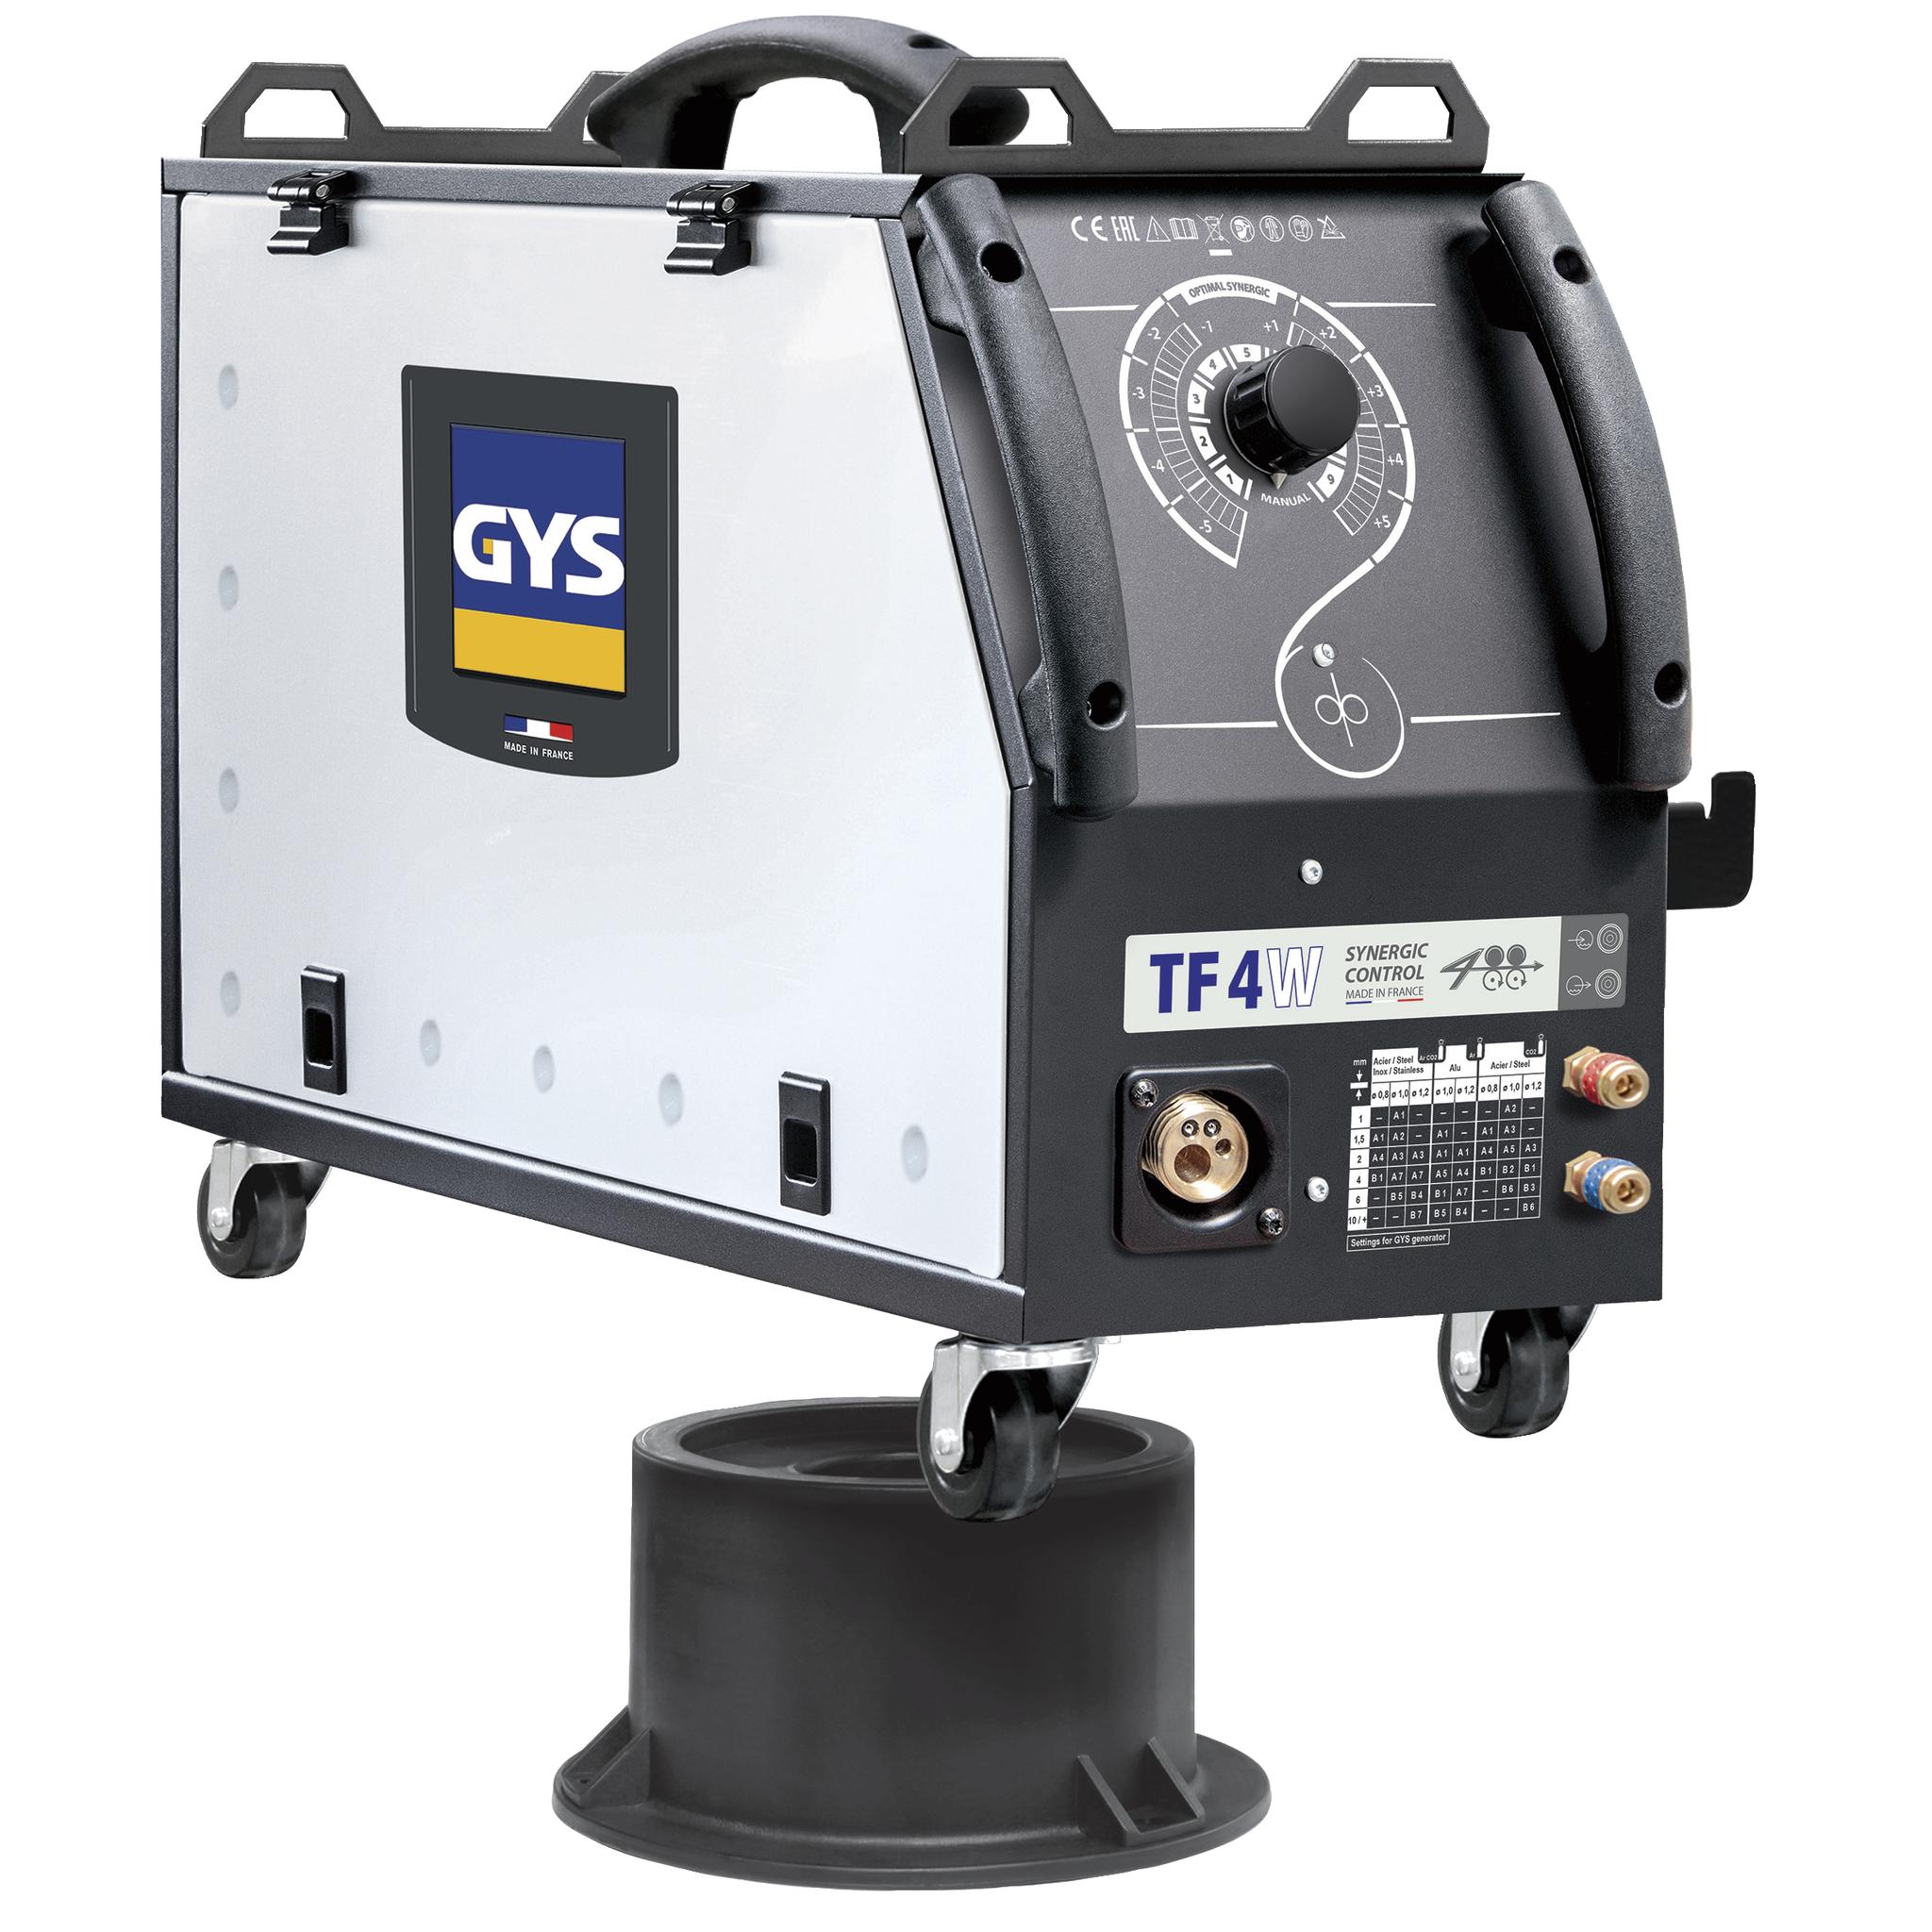 GYS Drahtvorschubkoffer TF 4W - flüssiggekühlt 061705